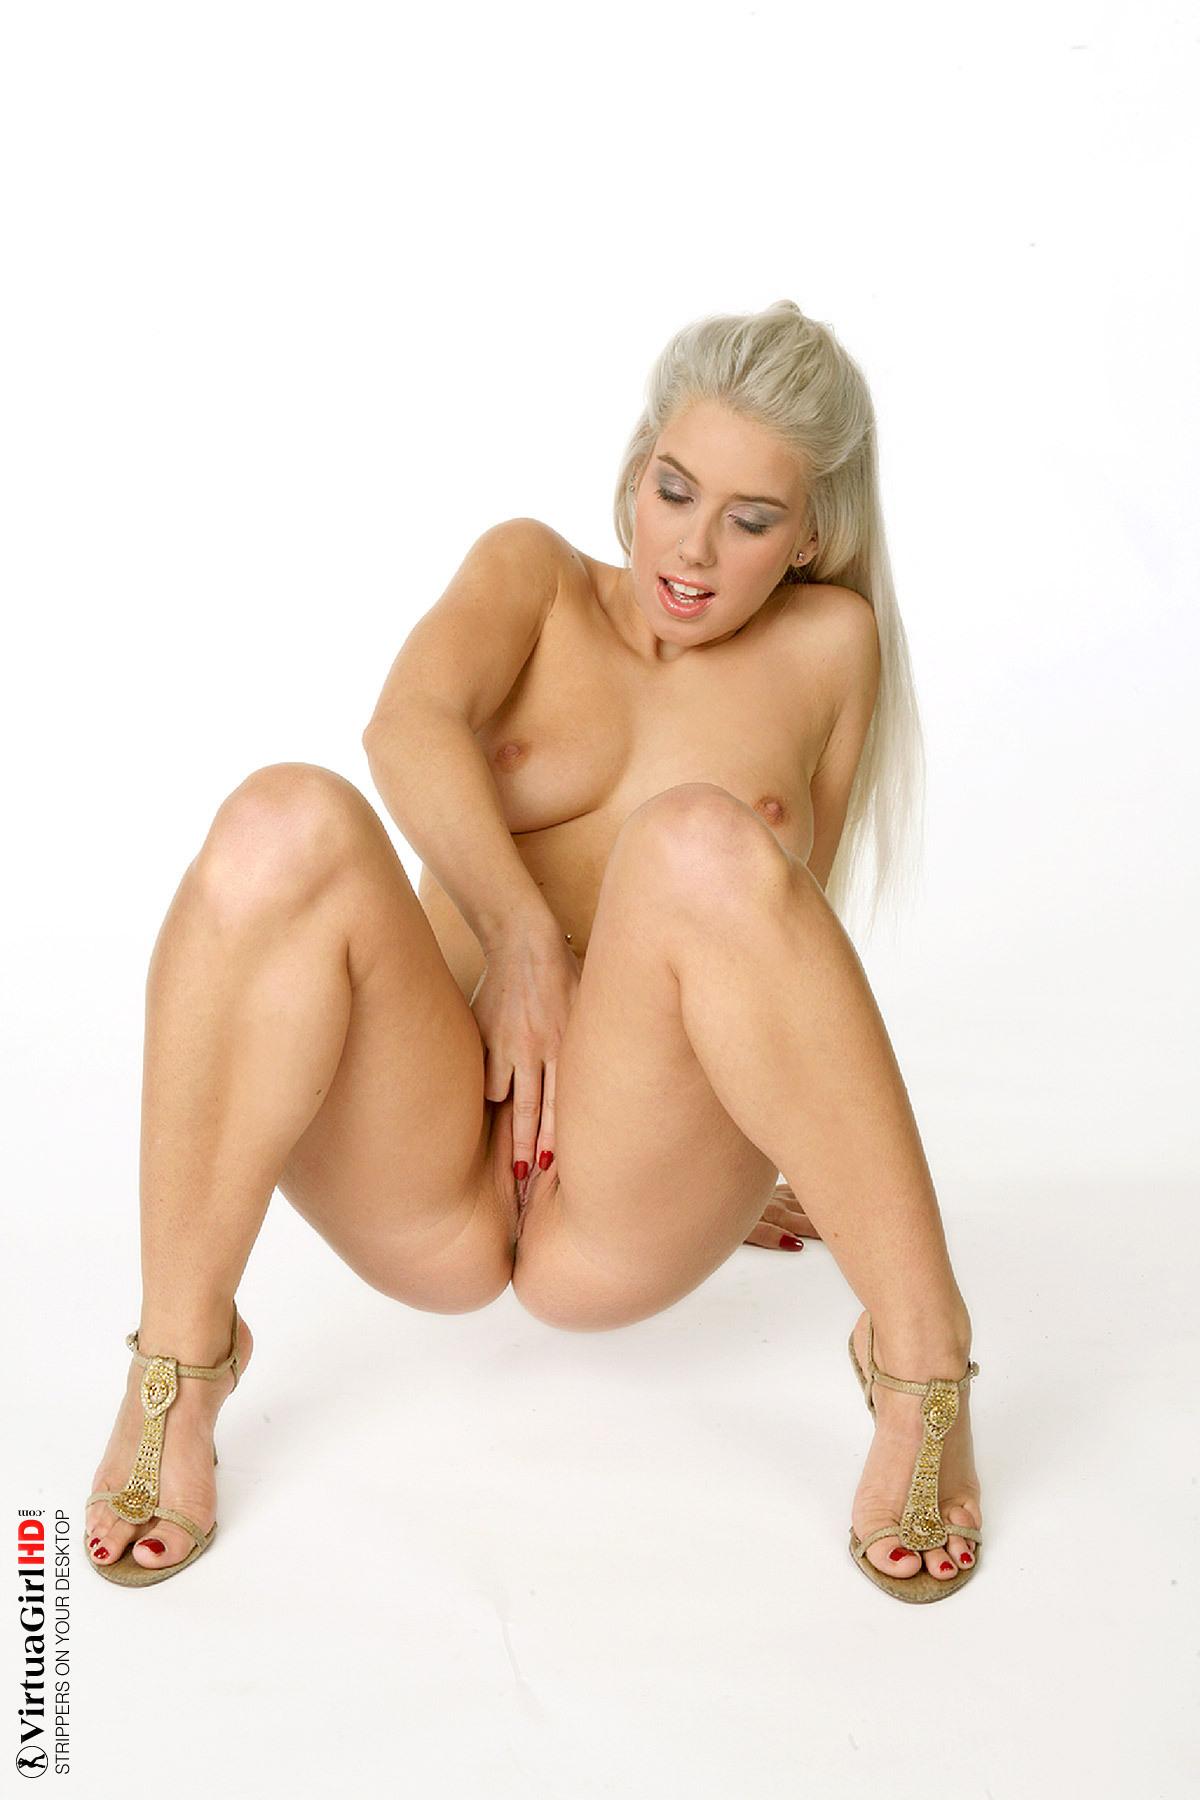 girls stripping of